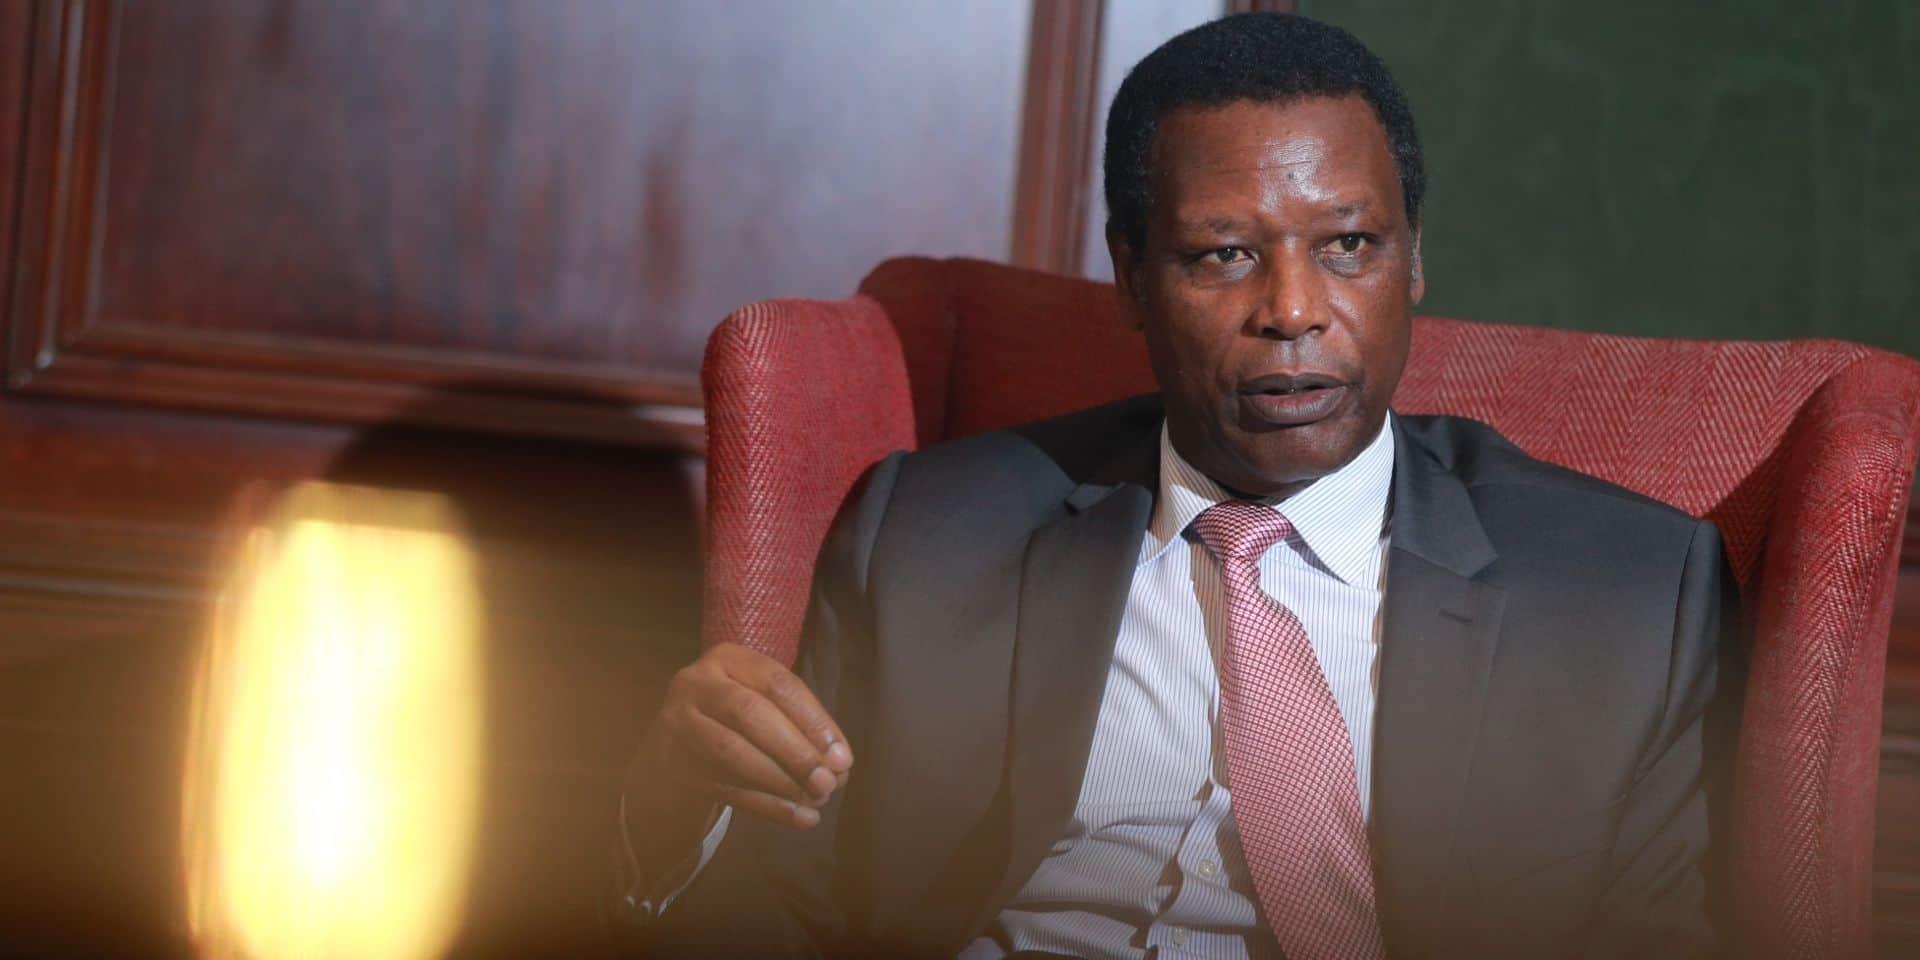 L'ancien président du Burundi Pierre Buyoya est décédé du Covid-19